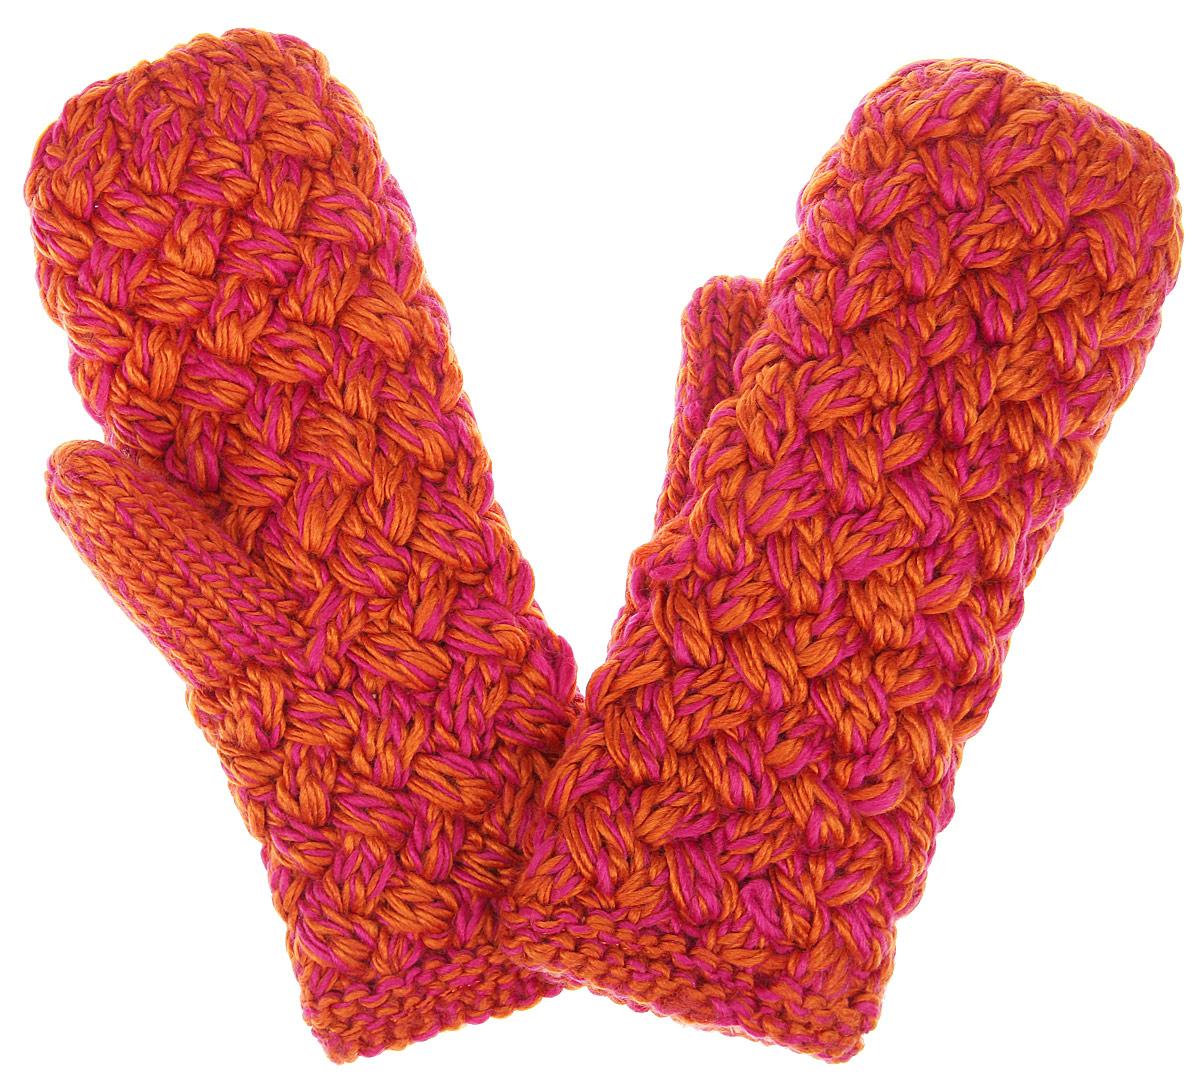 Варежки. 81758175Теплые вязаные варежки R.Mountain - идеальный аксессуар для зимних холодов, внутри имеют мягчайшую плюшевую подкладку, для вашего комфорта и удобной носки. Мягкий цвет, а также крупная вязка придает образу неотразимый вид, а приятный на ощупь шерстяной материал дарит ощущение тепла и комфорта. Одна из варежек оформлена не большим деревянным элементом в виде логотипа бренда. Сочетать этот аксессуар можно с любыми цветами гардероба.